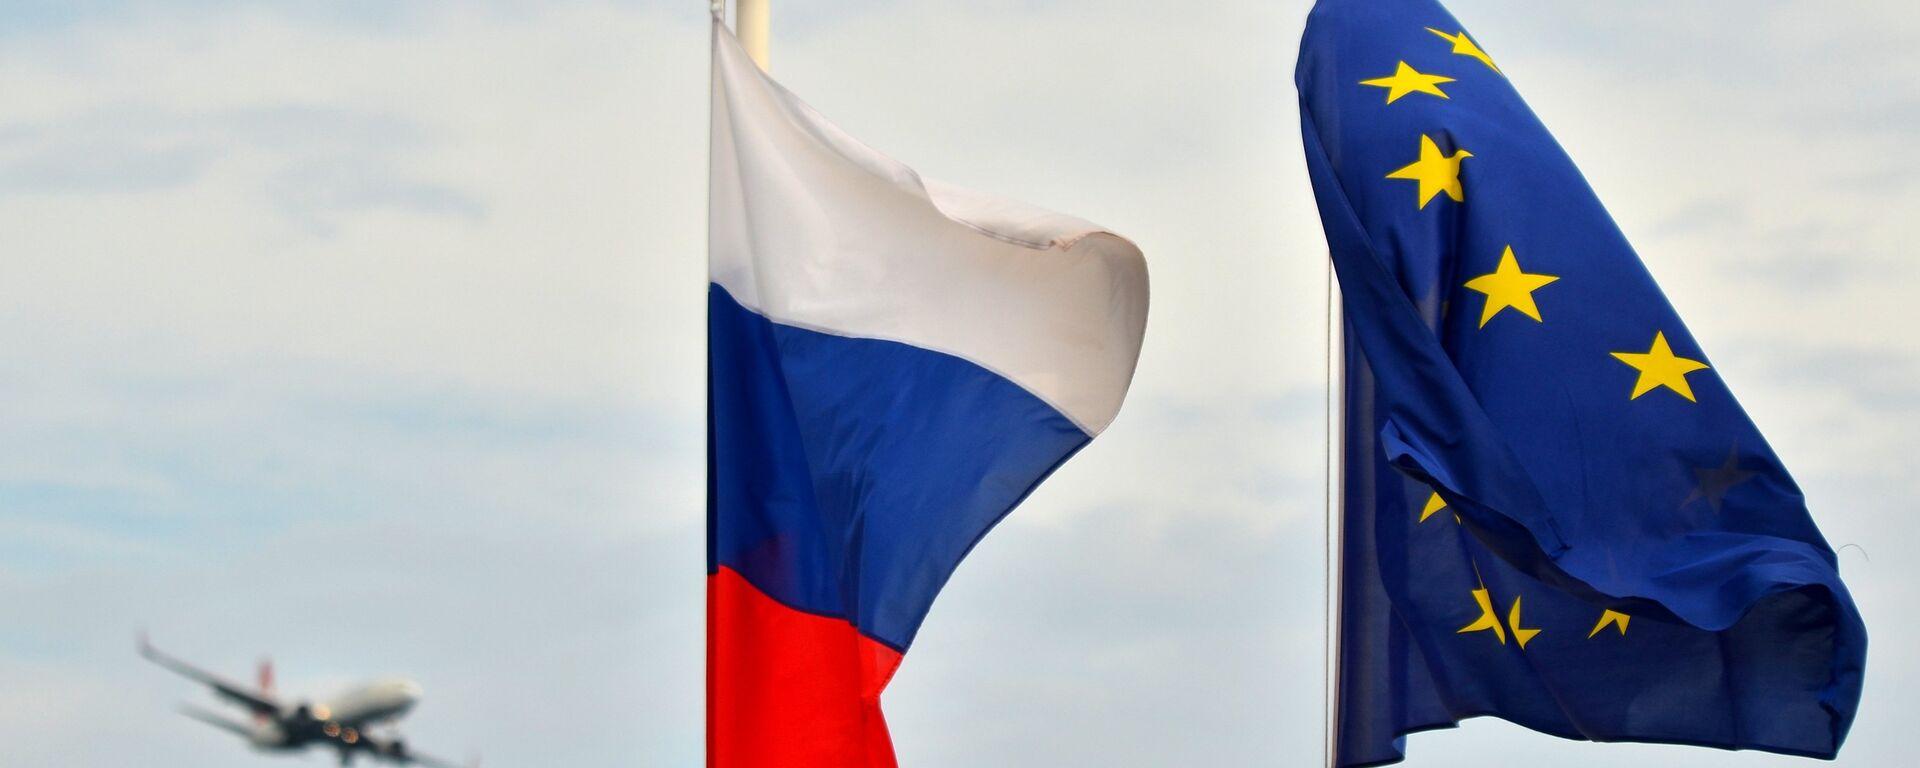 Флаги России, ЕС, Франции и герб Ниццы на набережной Ниццы - Sputnik Грузия, 1920, 27.01.2021